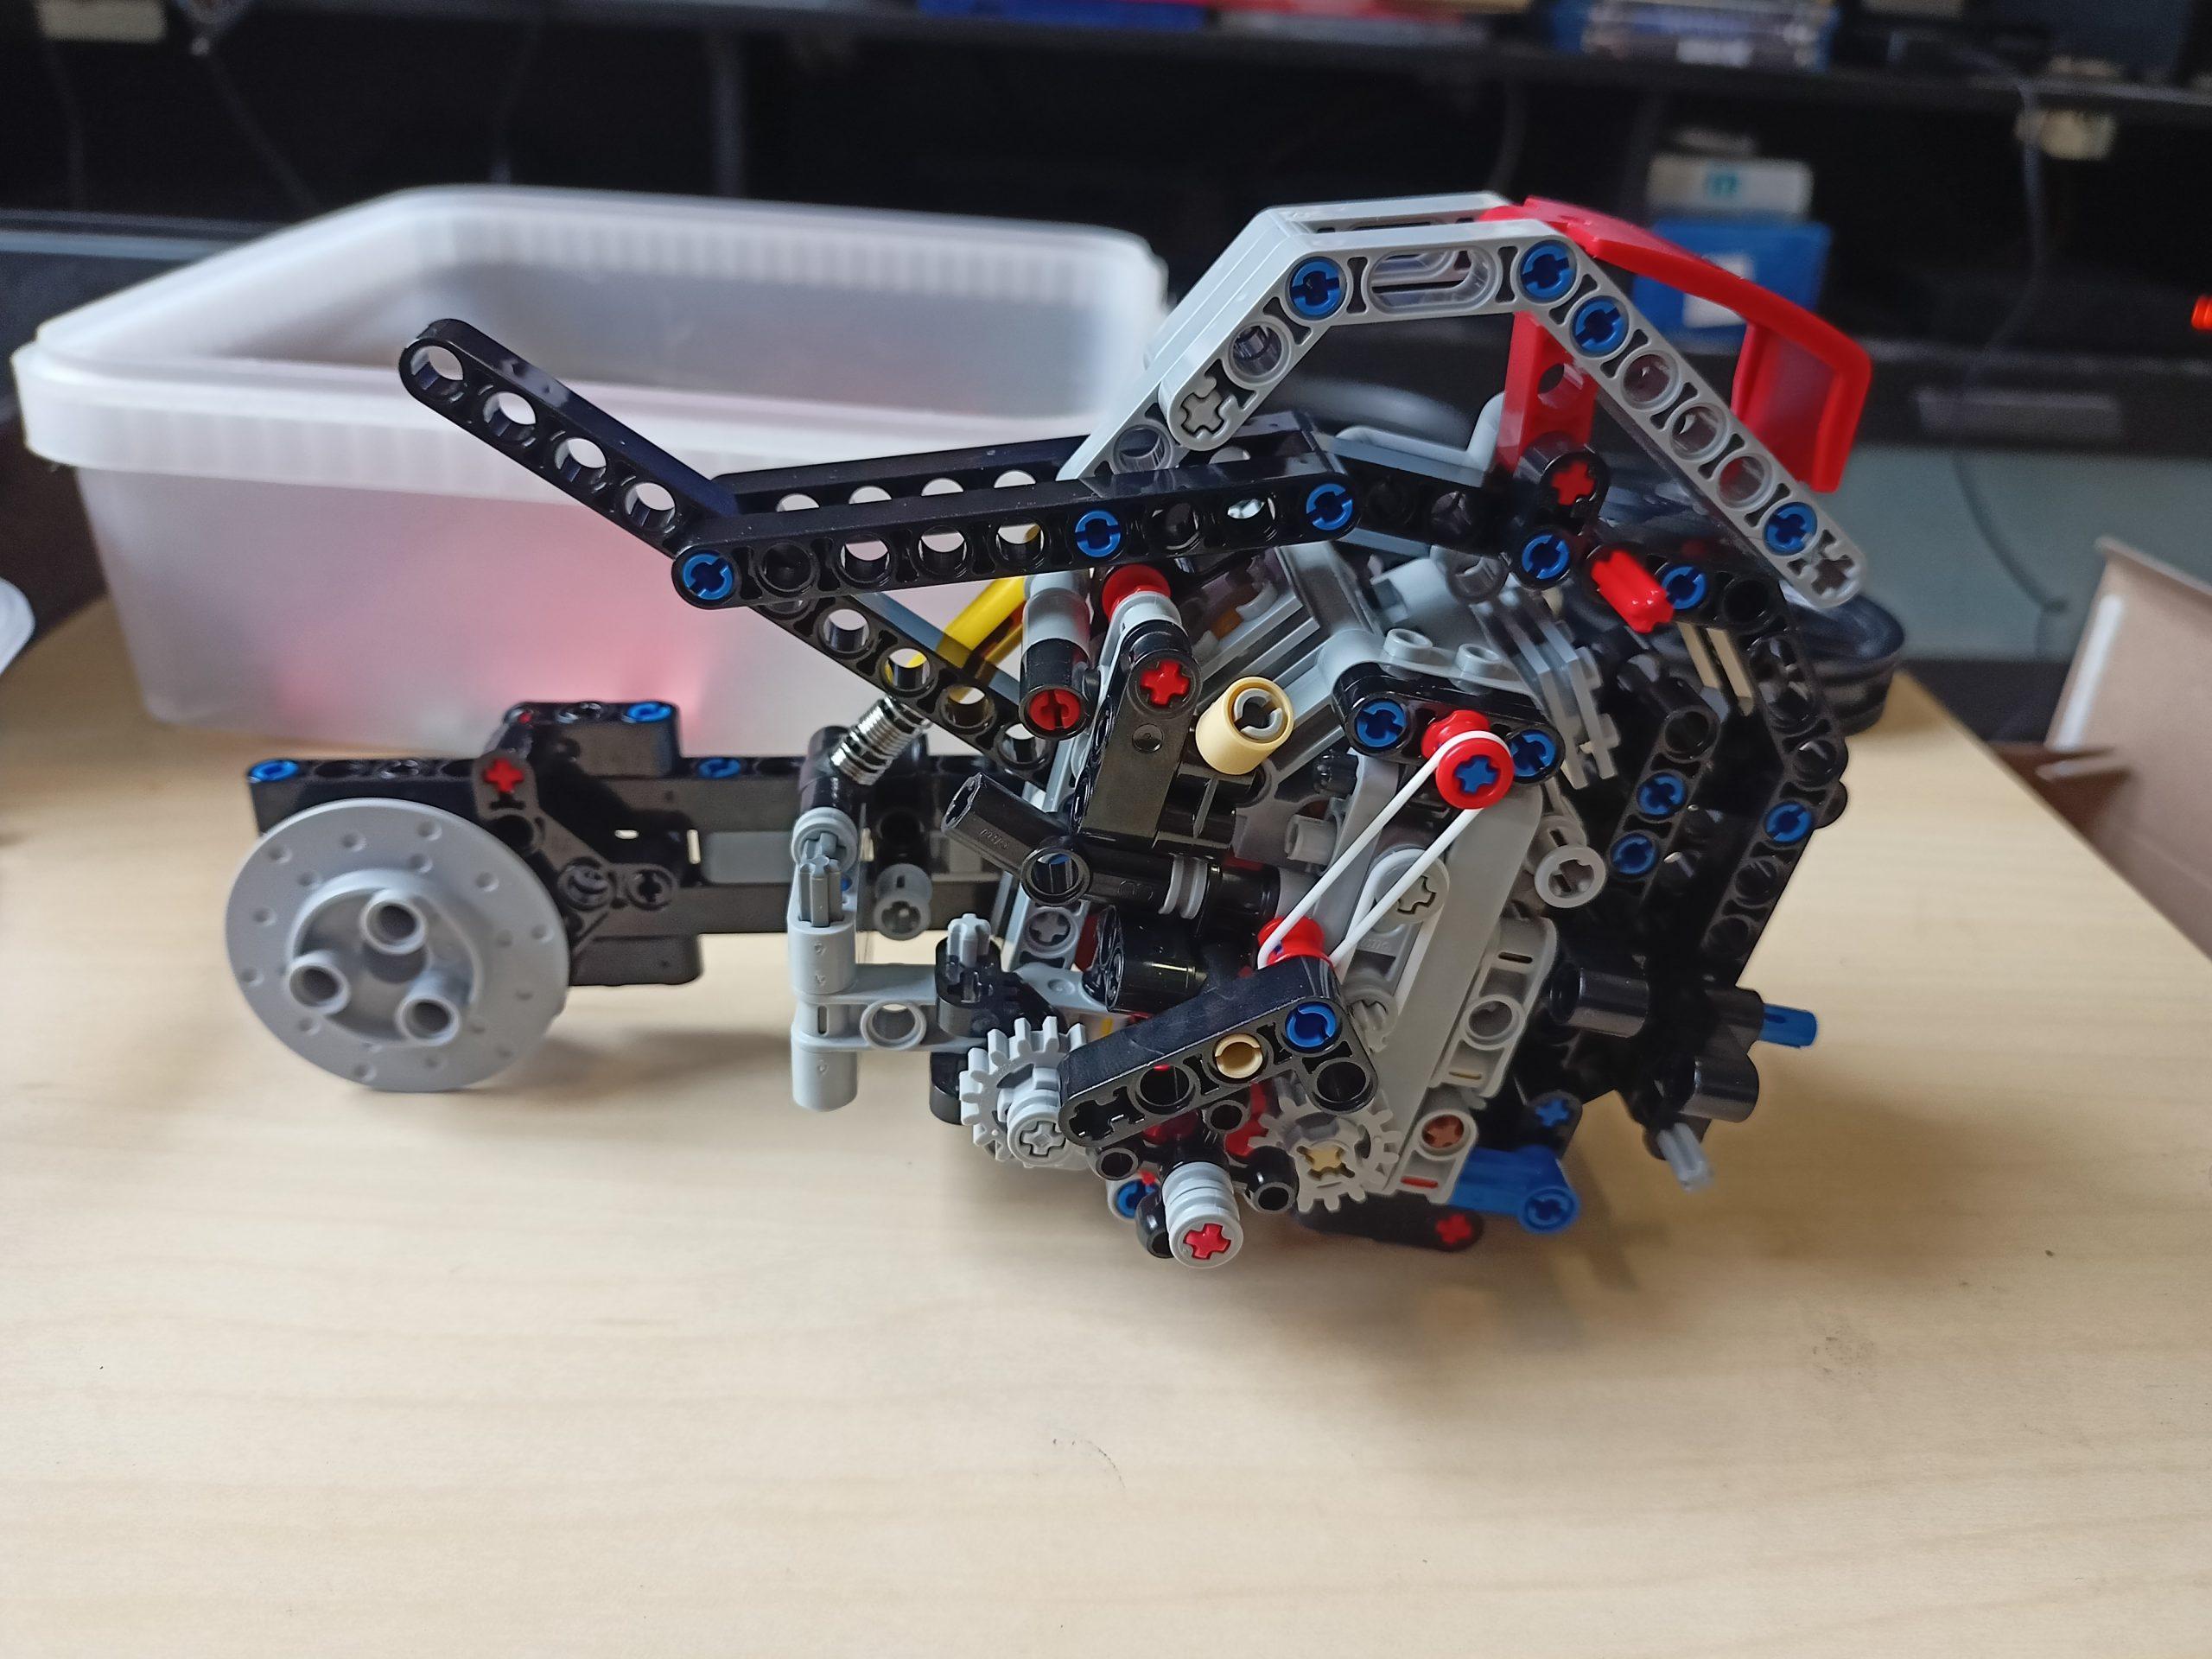 Ca roule des mécaniques